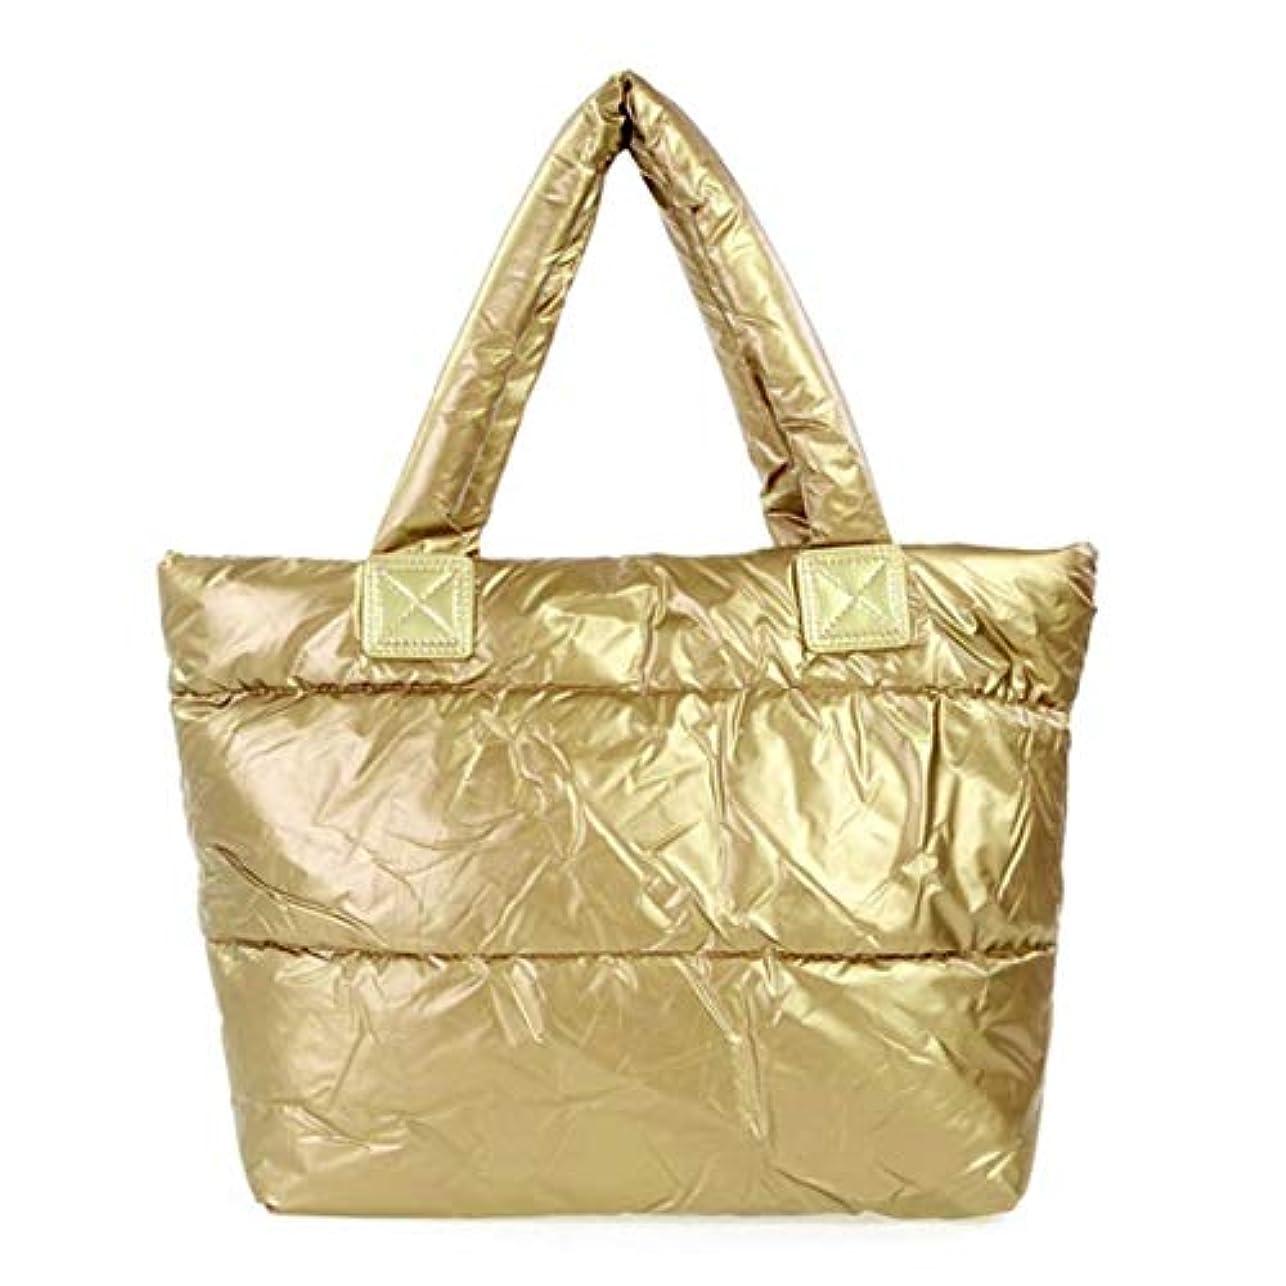 そっと和らげる海上レディースバッグスペースバッグスポンジショルダーハンドバッグポータブルレディコットンパッド入りバッグ冬大容量トートバッグハンドバッグ-ゴールド